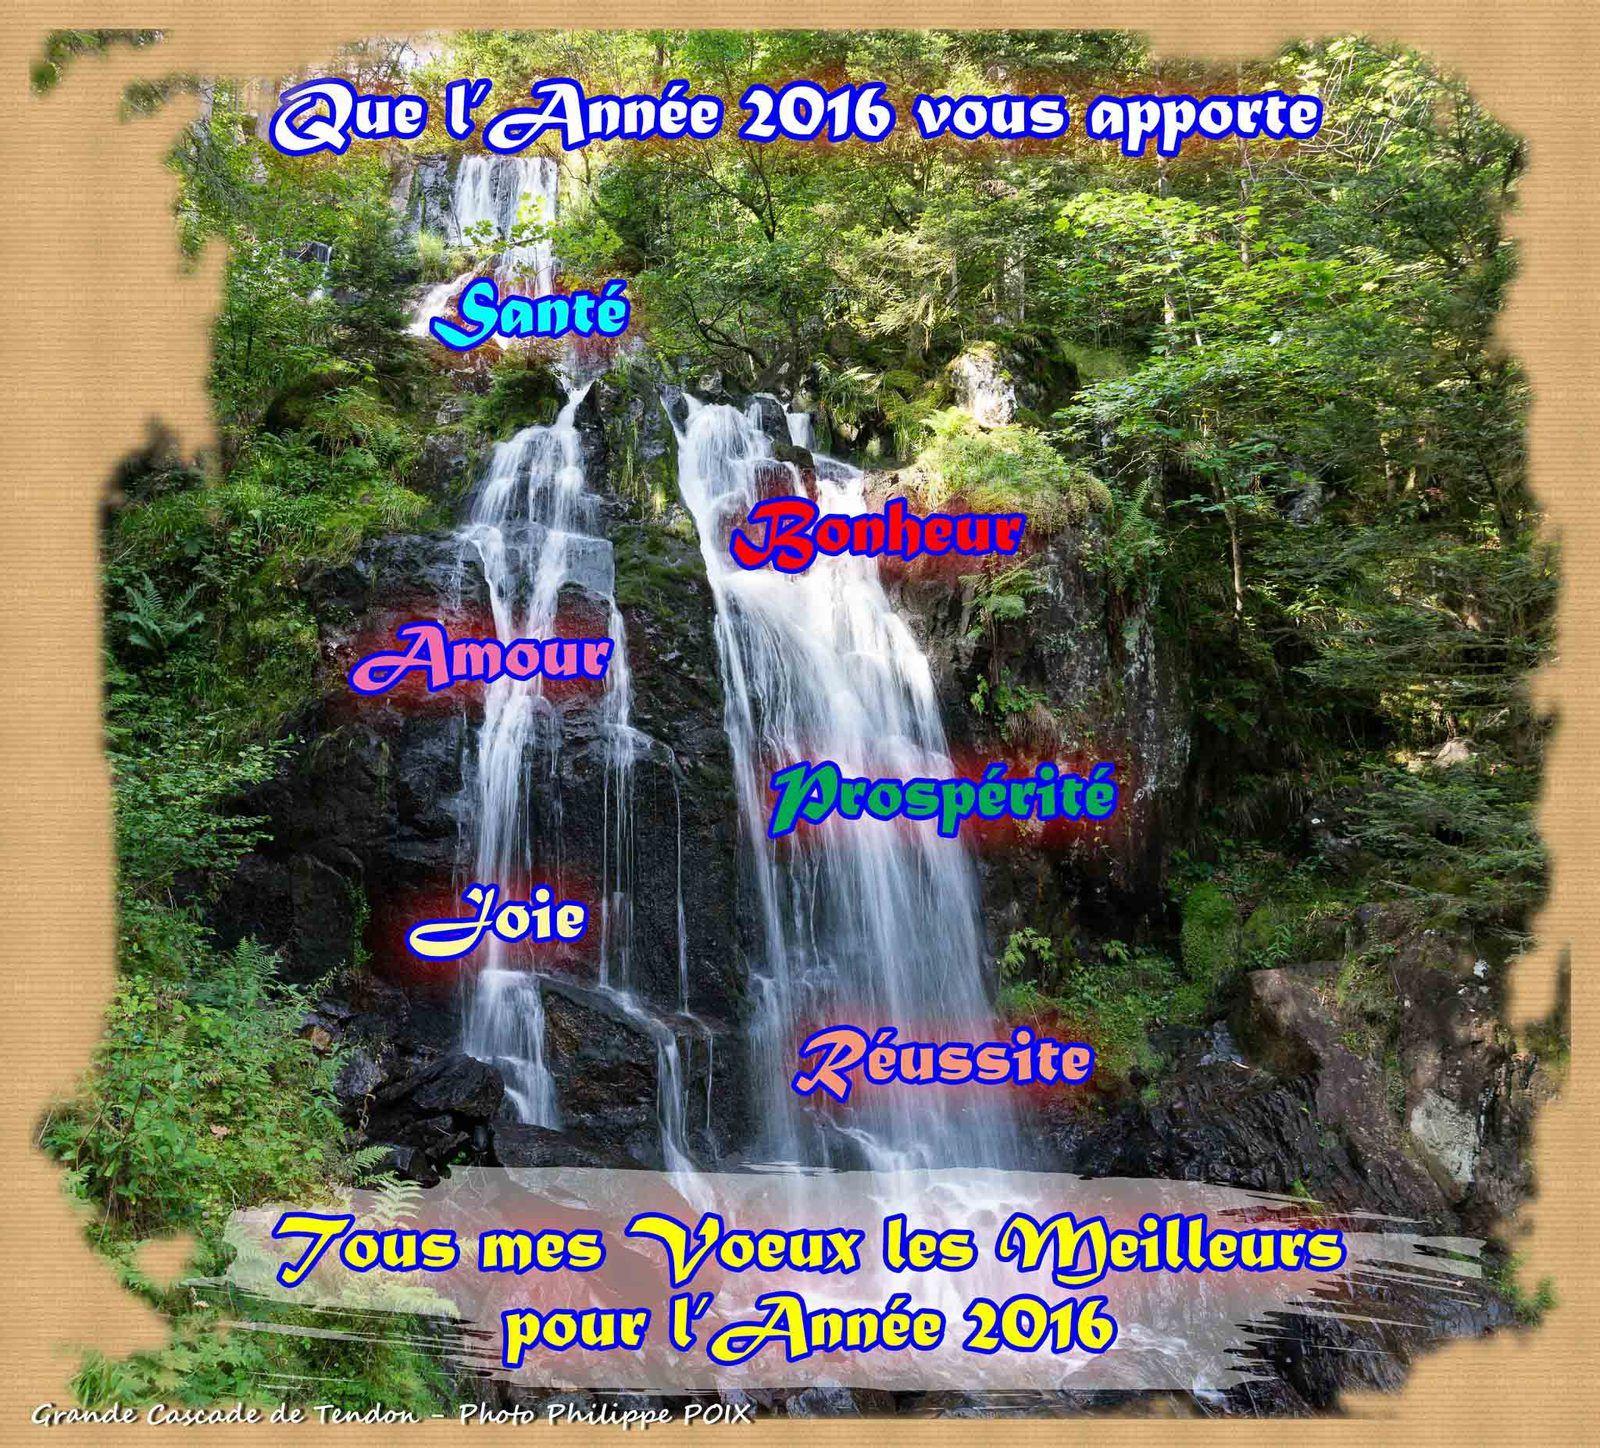 Bonne et Heureuse Année 2016 à tous les Visiteurs de BRUYÈRES-VOSGES